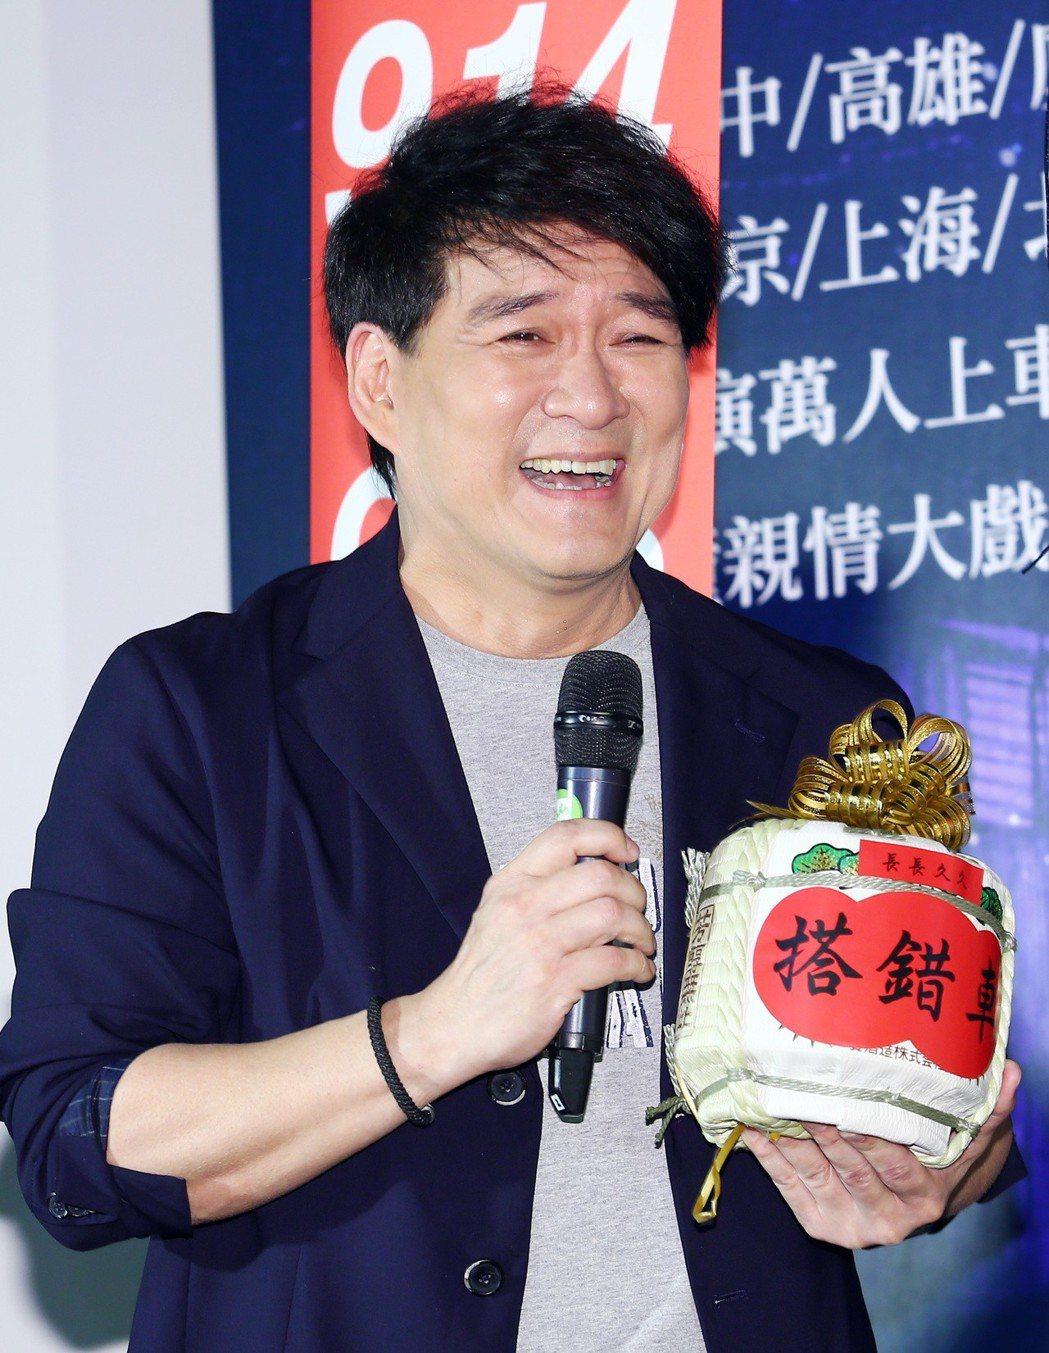 音樂劇《搭錯車》在台北舉行慶功記者會,歌手周華健到場祝賀送酒,希望主辦單位可憐他...